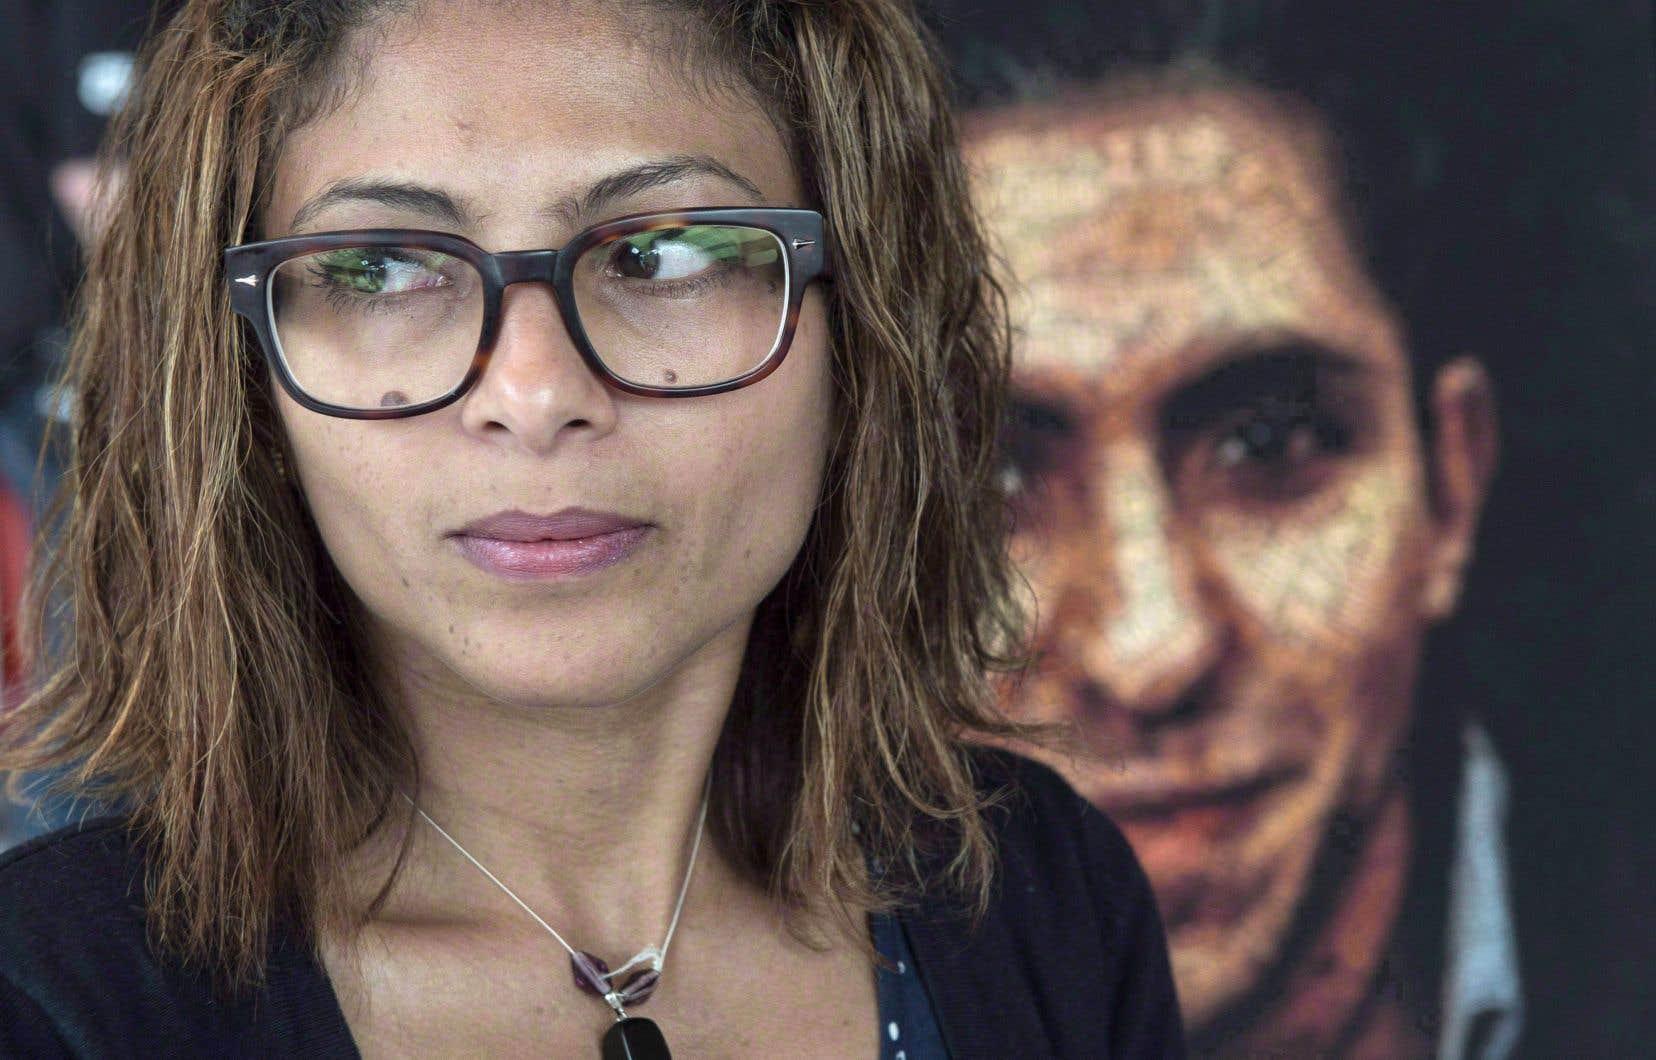 Ensaf Haidar, qui vit à Sherbrooke après avoir obtenu le droit d'asile au Canada, parle régulièrement à son mari : elle appelle à la prison deux ou trois fois par semaine.